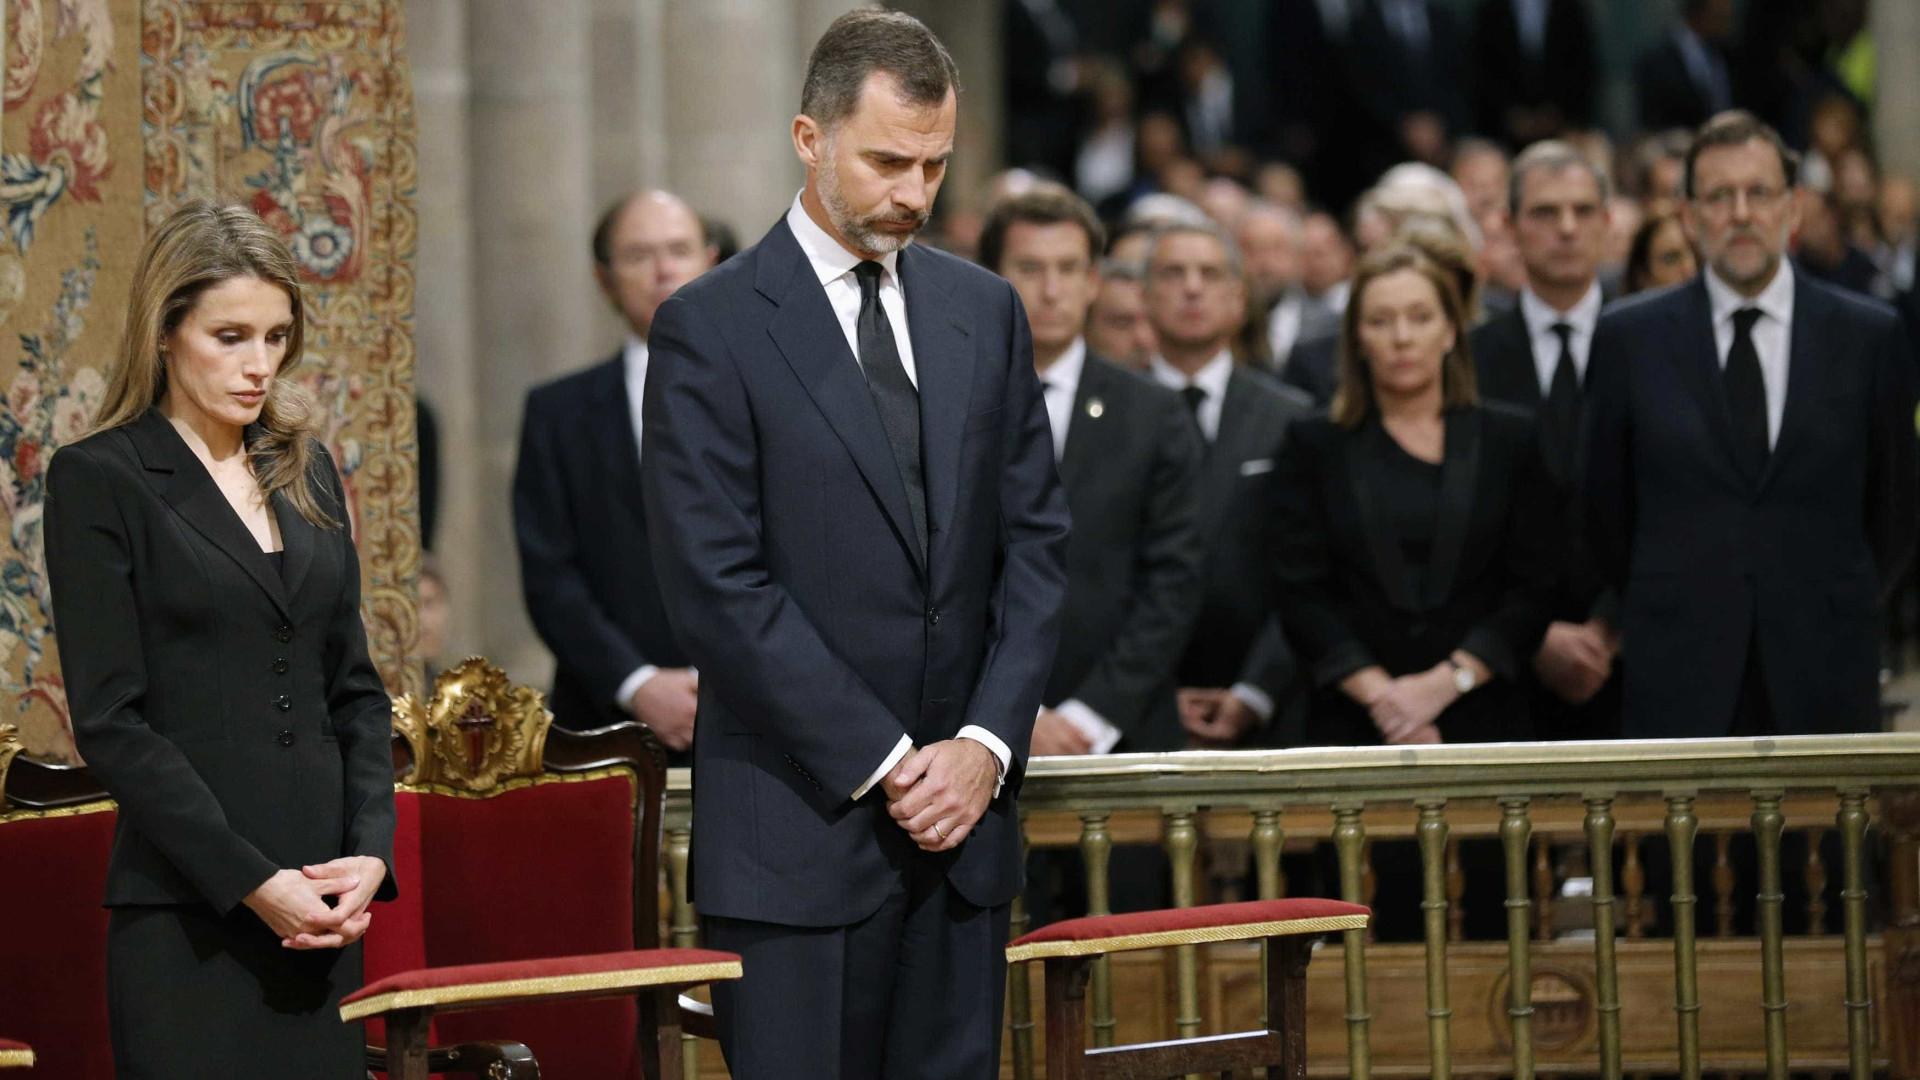 Presença de Felipe VI na homenagem a vítimas de atentados causa polémica